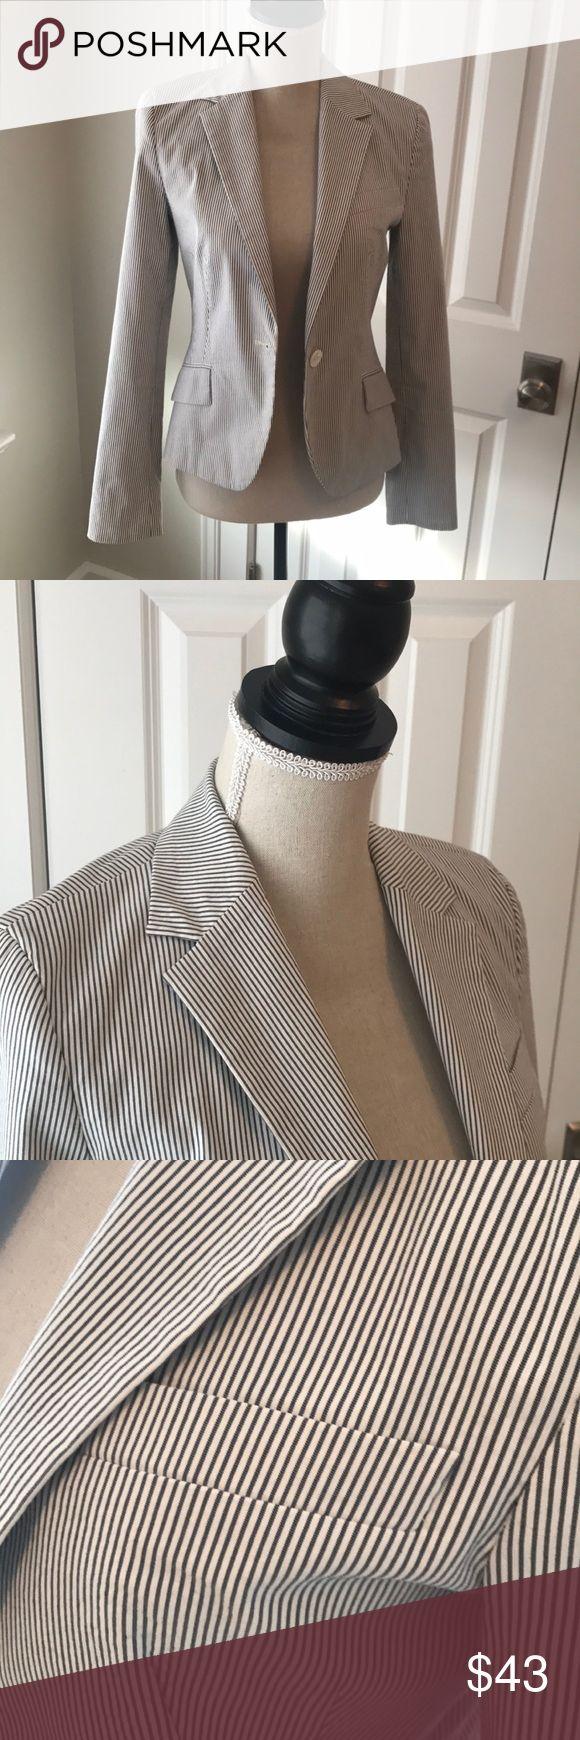 Zara blue seersucker blazer Zara blue seersucker blazer. Blue and white. White button detailing. In perfect shape. Size medium. Zara Jackets & Coats Blazers